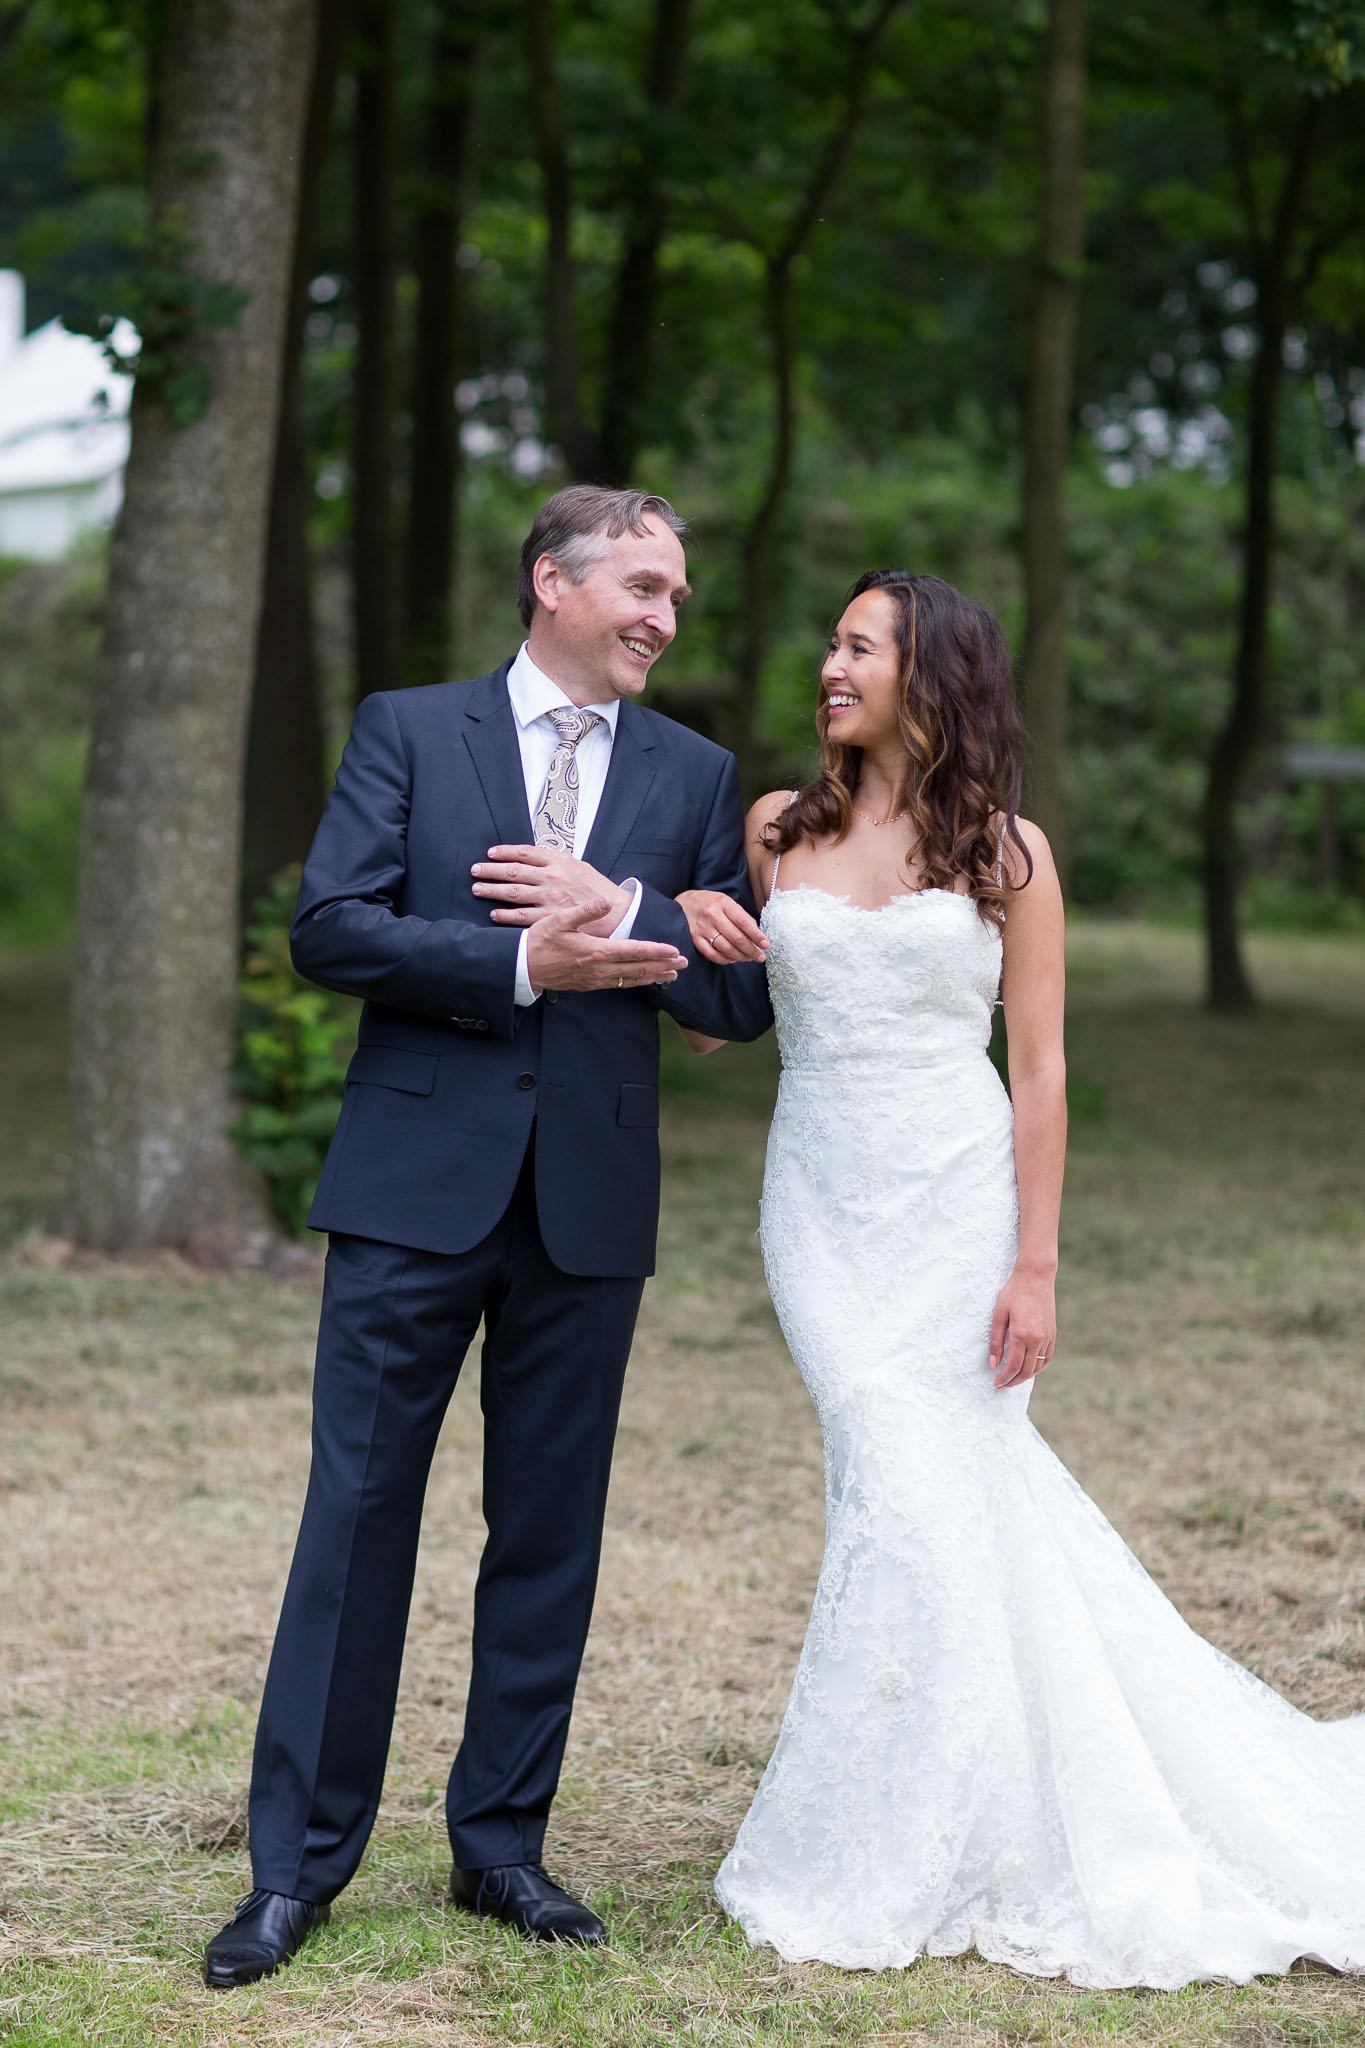 freebirdstories-com_wedding_christiaannina_lowres_687